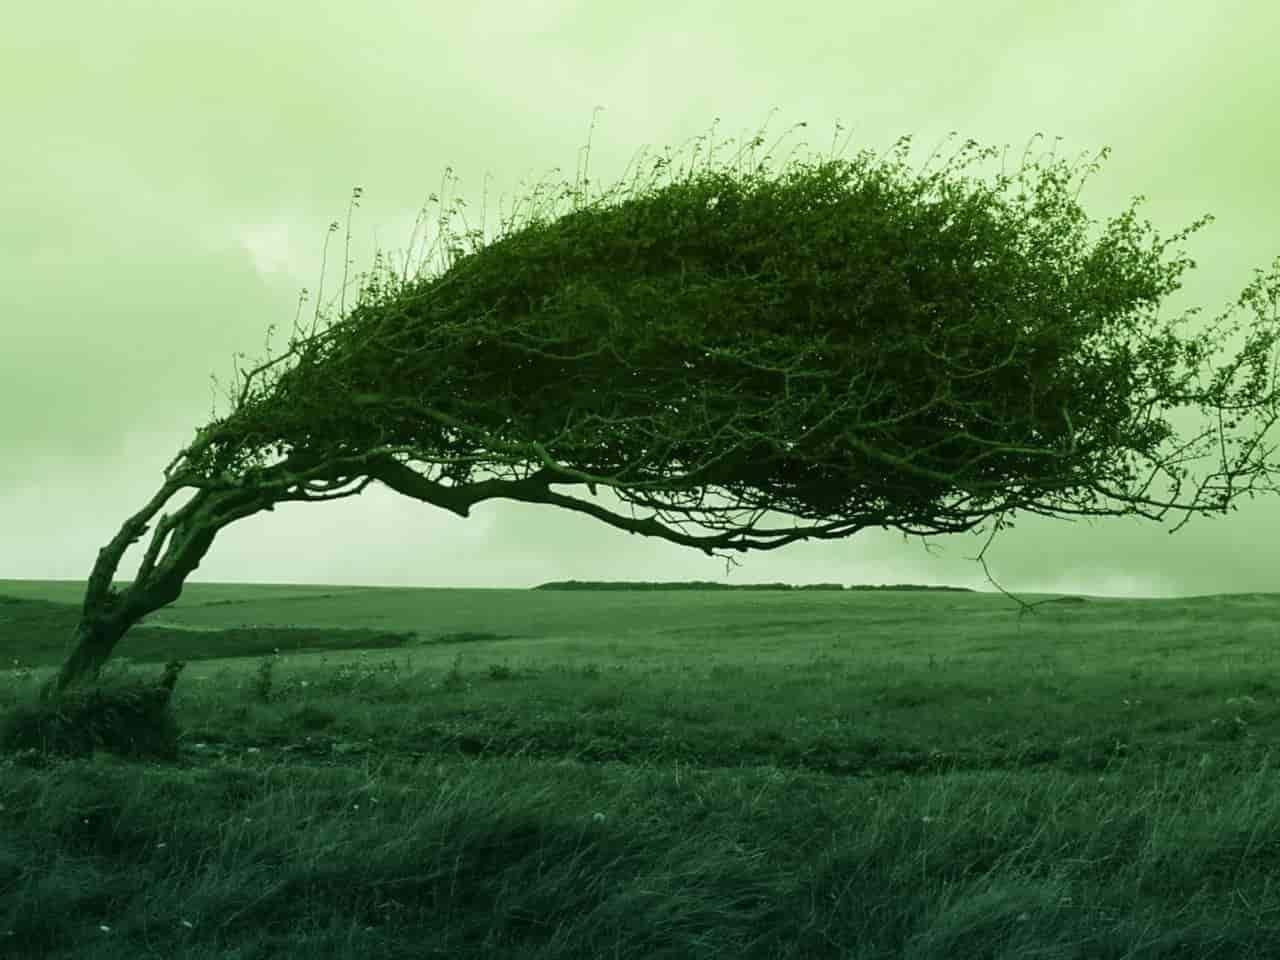 強風で倒れそうになる木